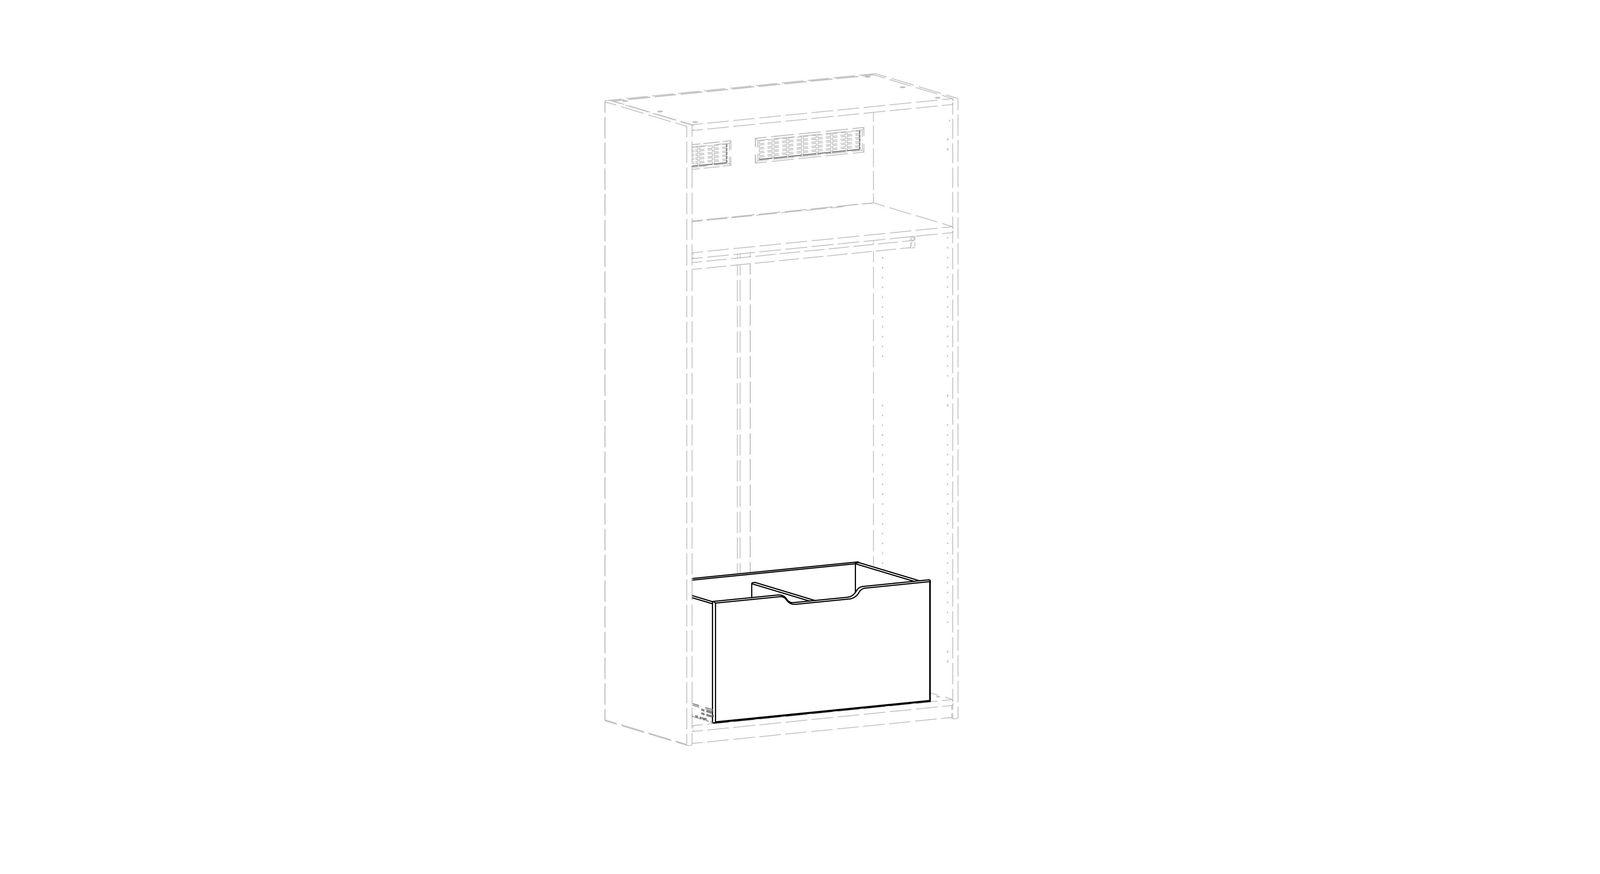 LIFETIME Kleiderschrank-Innenausstattung Grafik für die Breite der Innenschublade